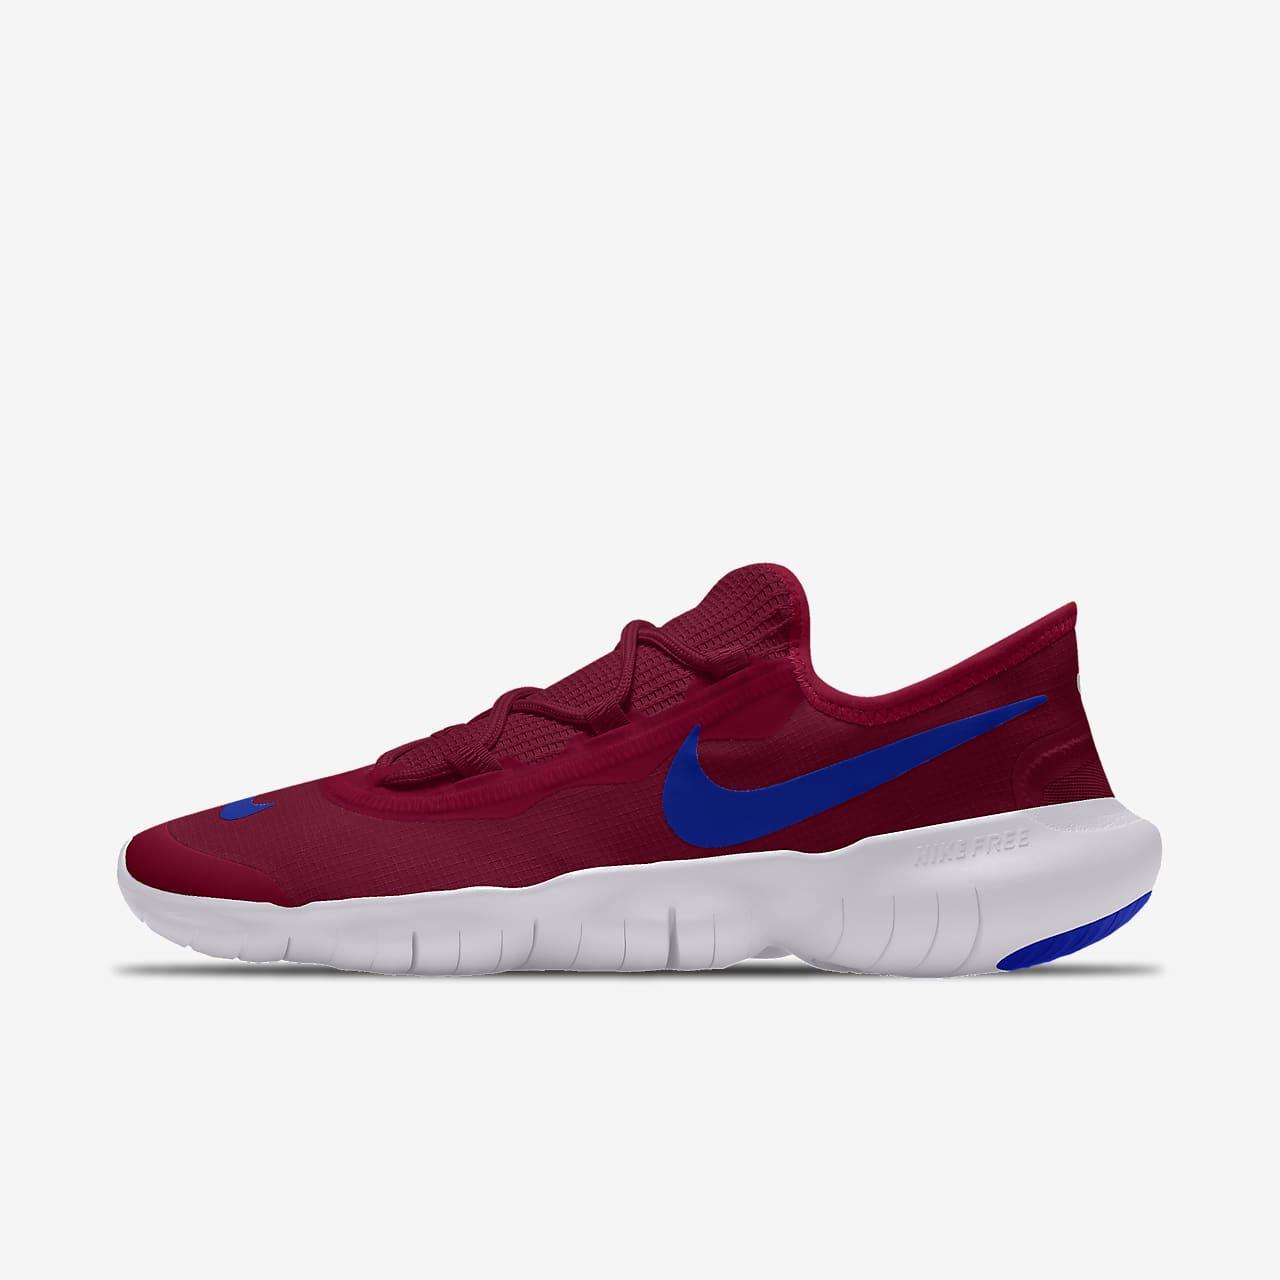 Specialdesignad löparsko Nike Free RN 5.0 By You för kvinnor